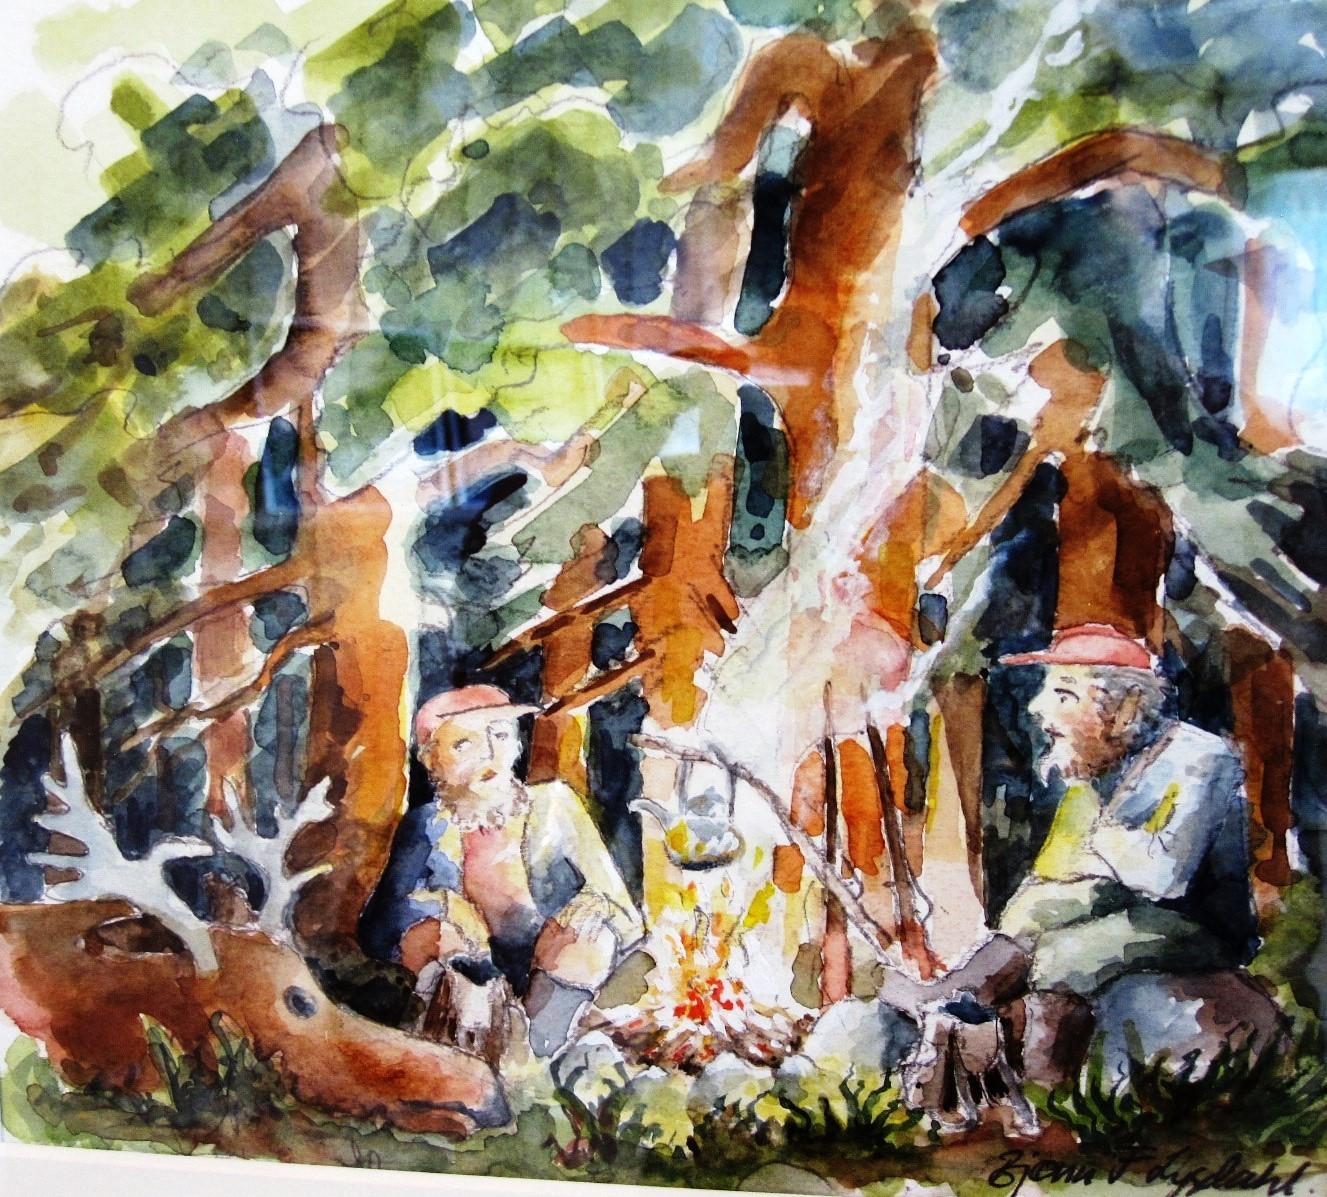 Betenkte jegarar, akvarell, Bjønn Fauske Lysdahl